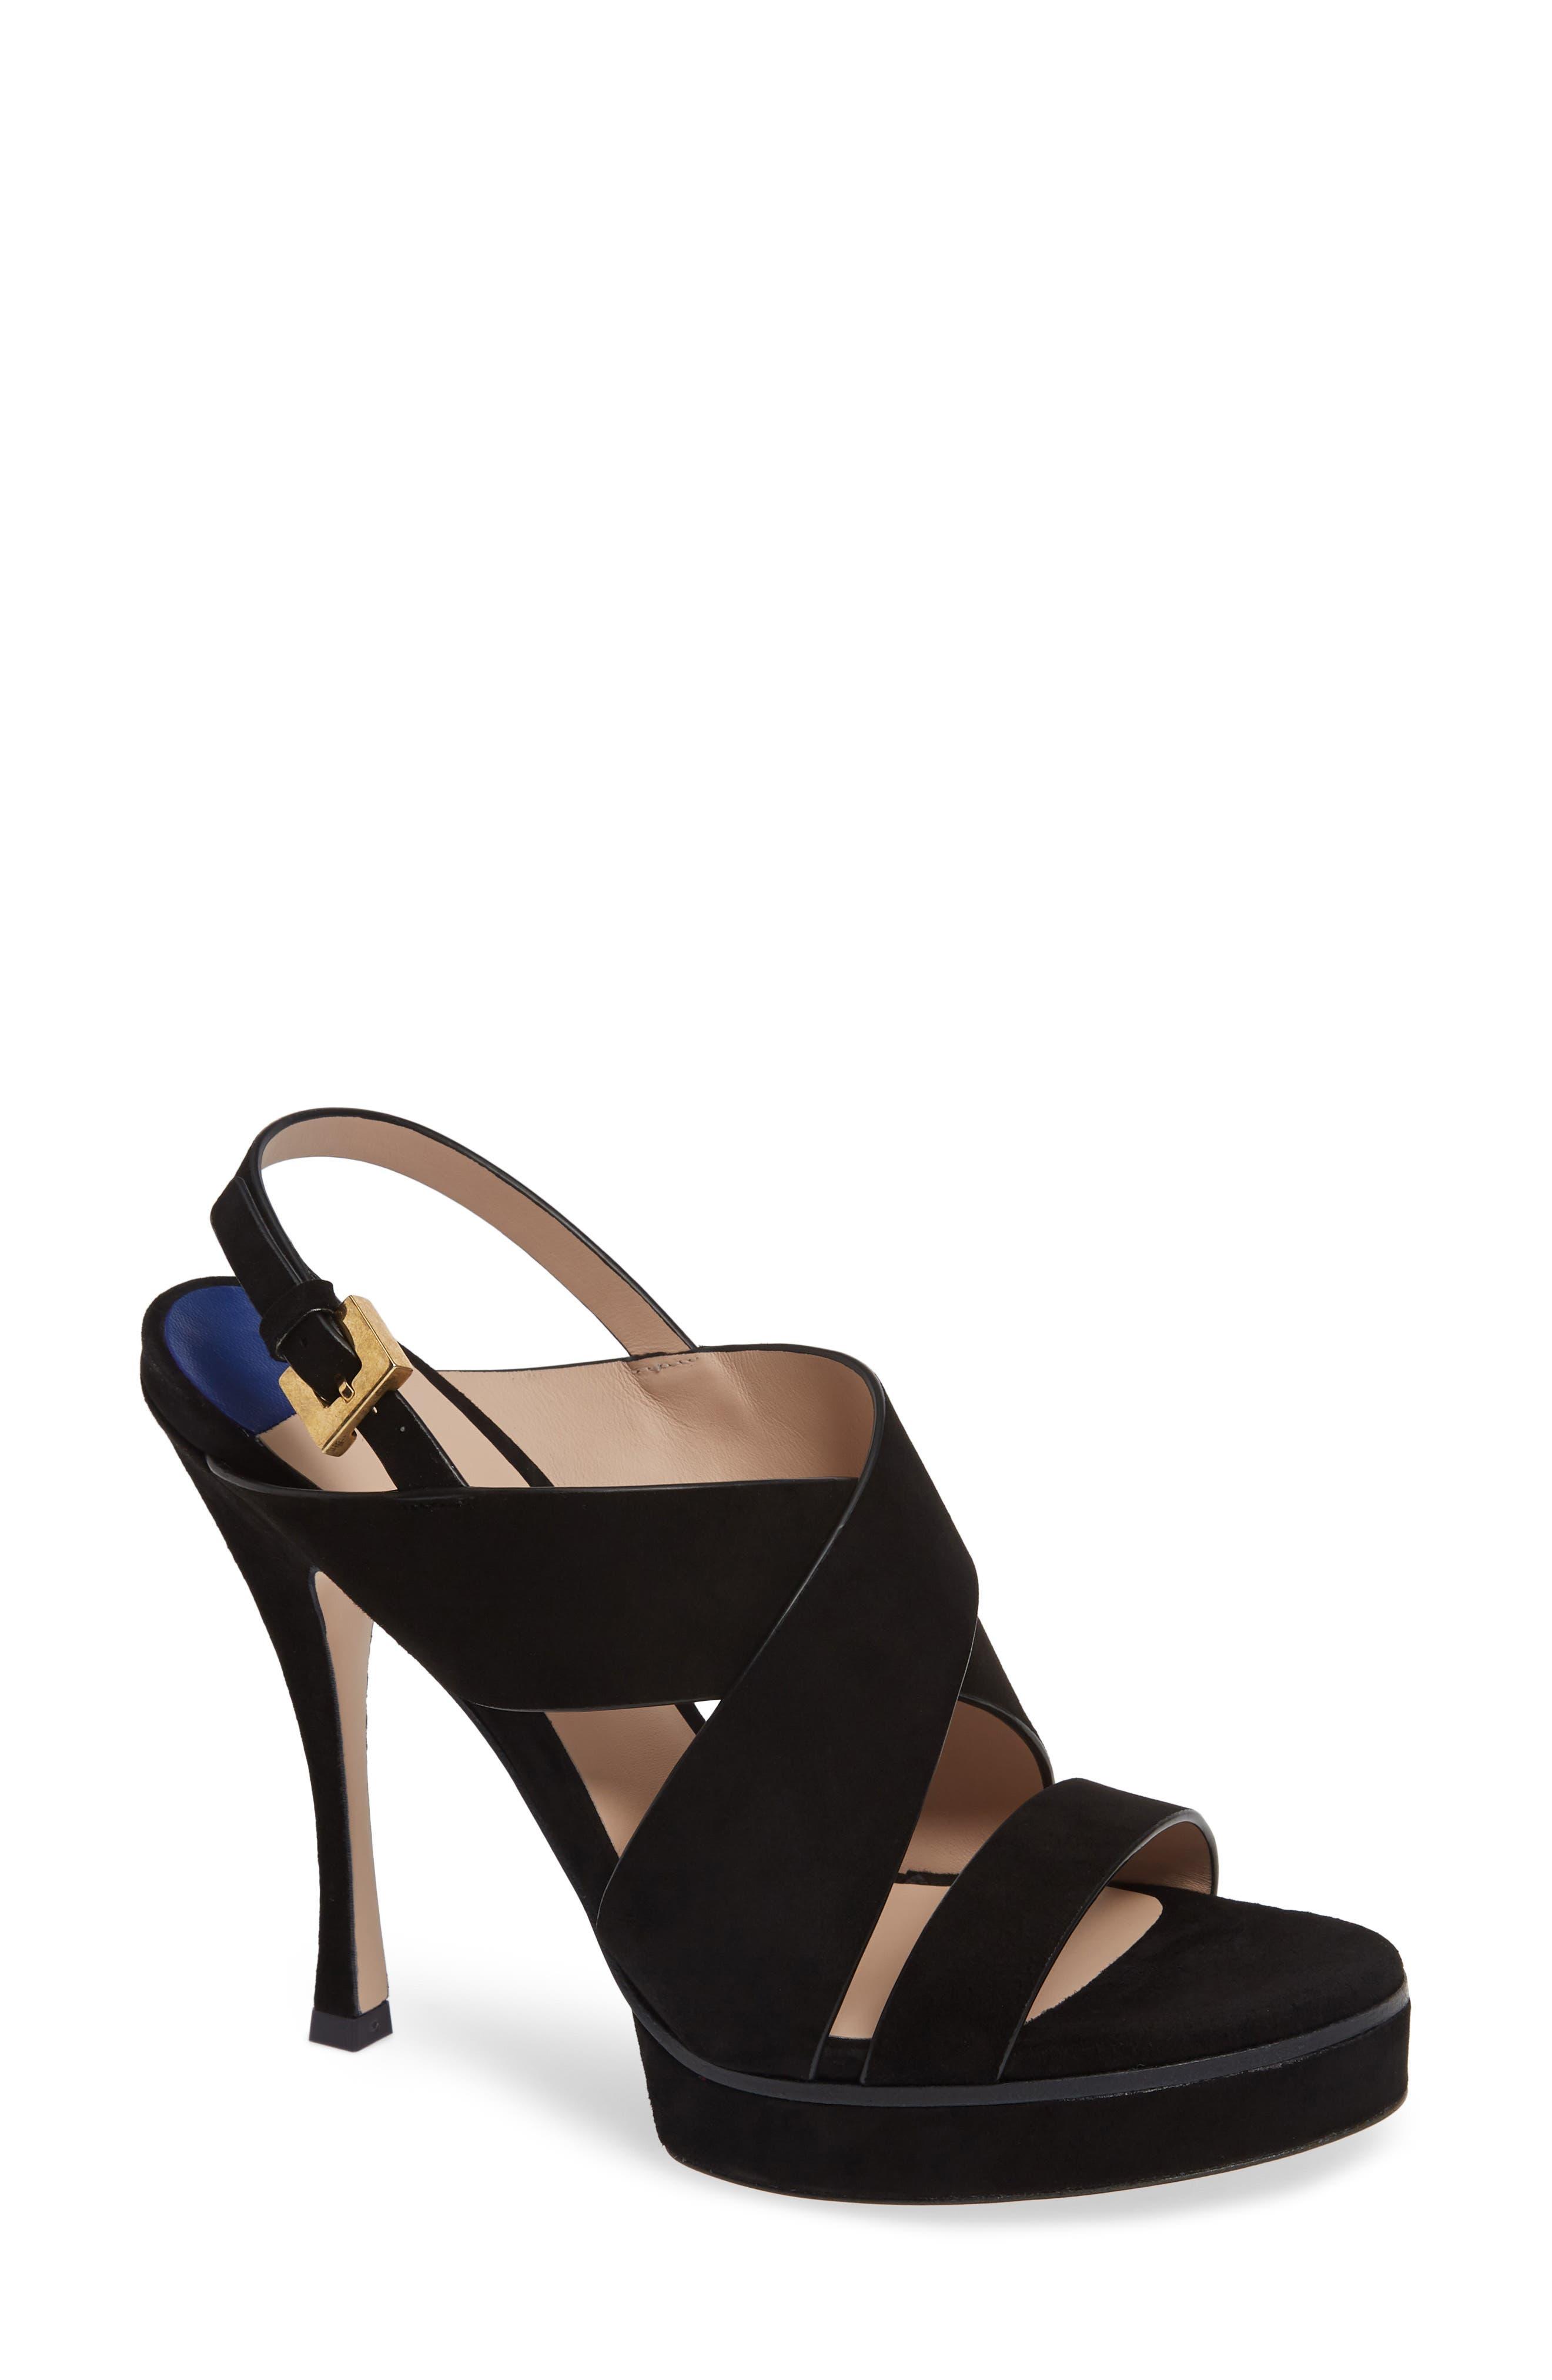 Stuart Weitzman Hester Cross Strap Sandal- Black